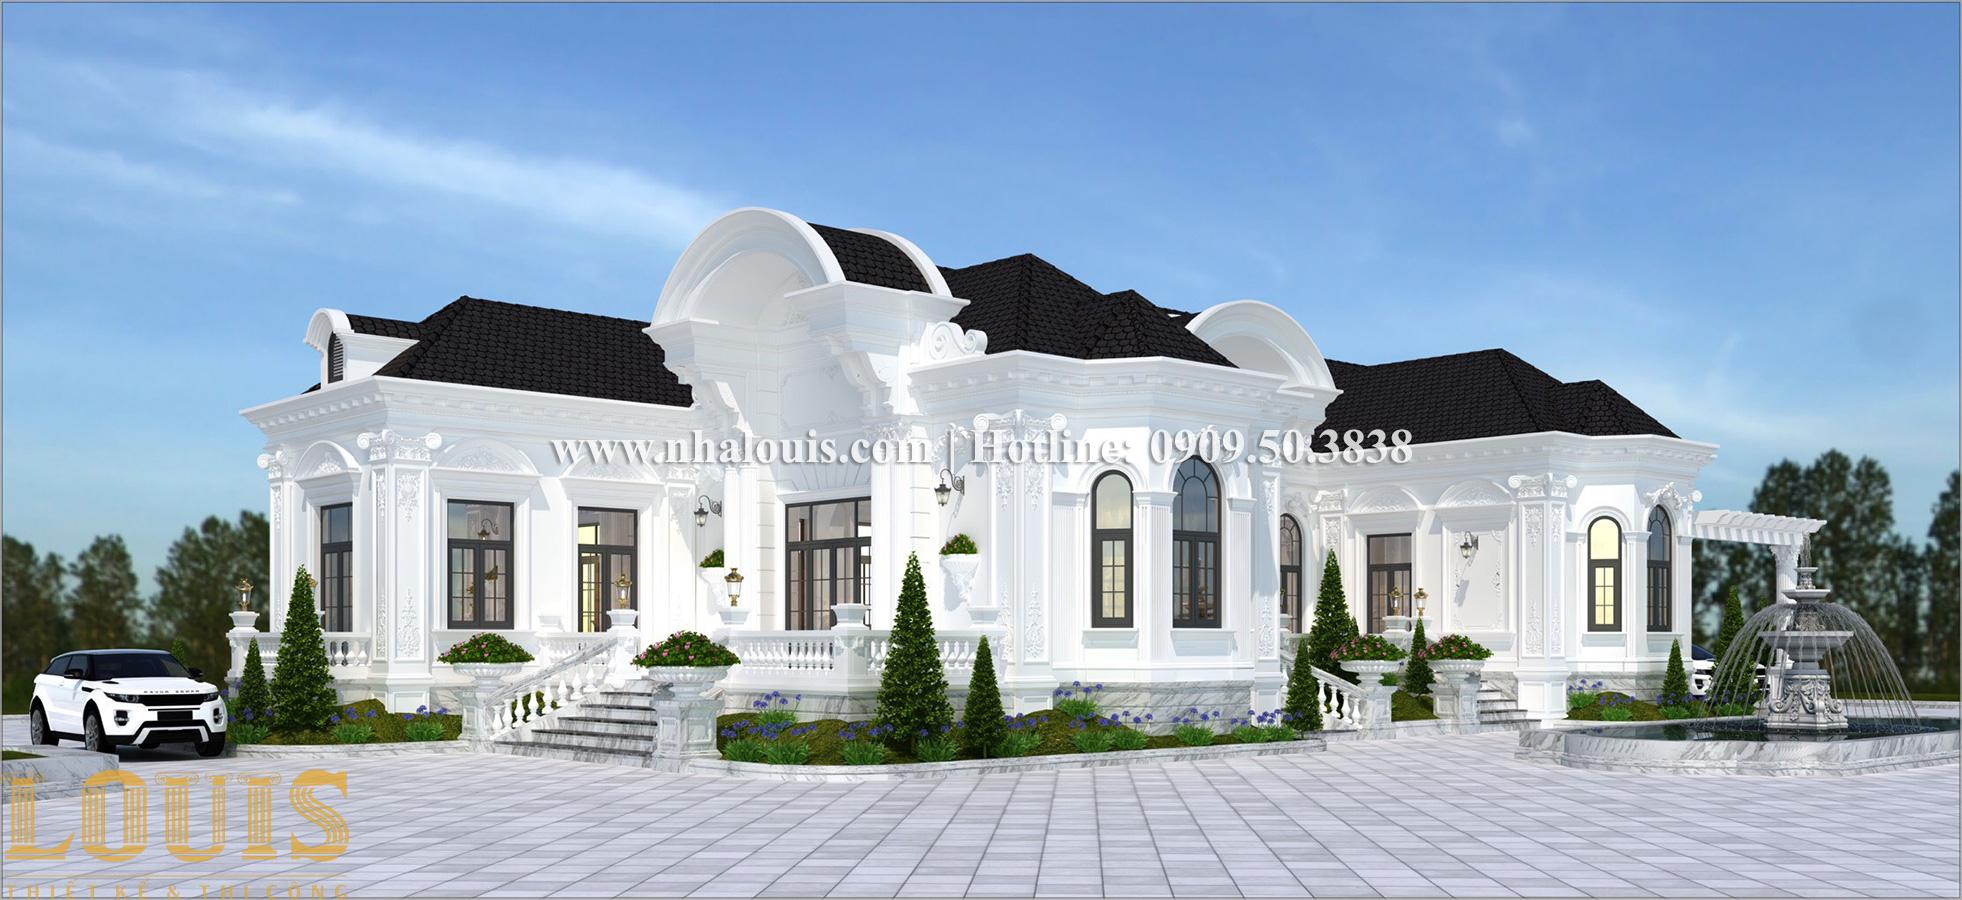 Mặt tiền Biệt thự vườn phong cách châu Âu tại Bình Phước chuẩn thượng lưu - 02